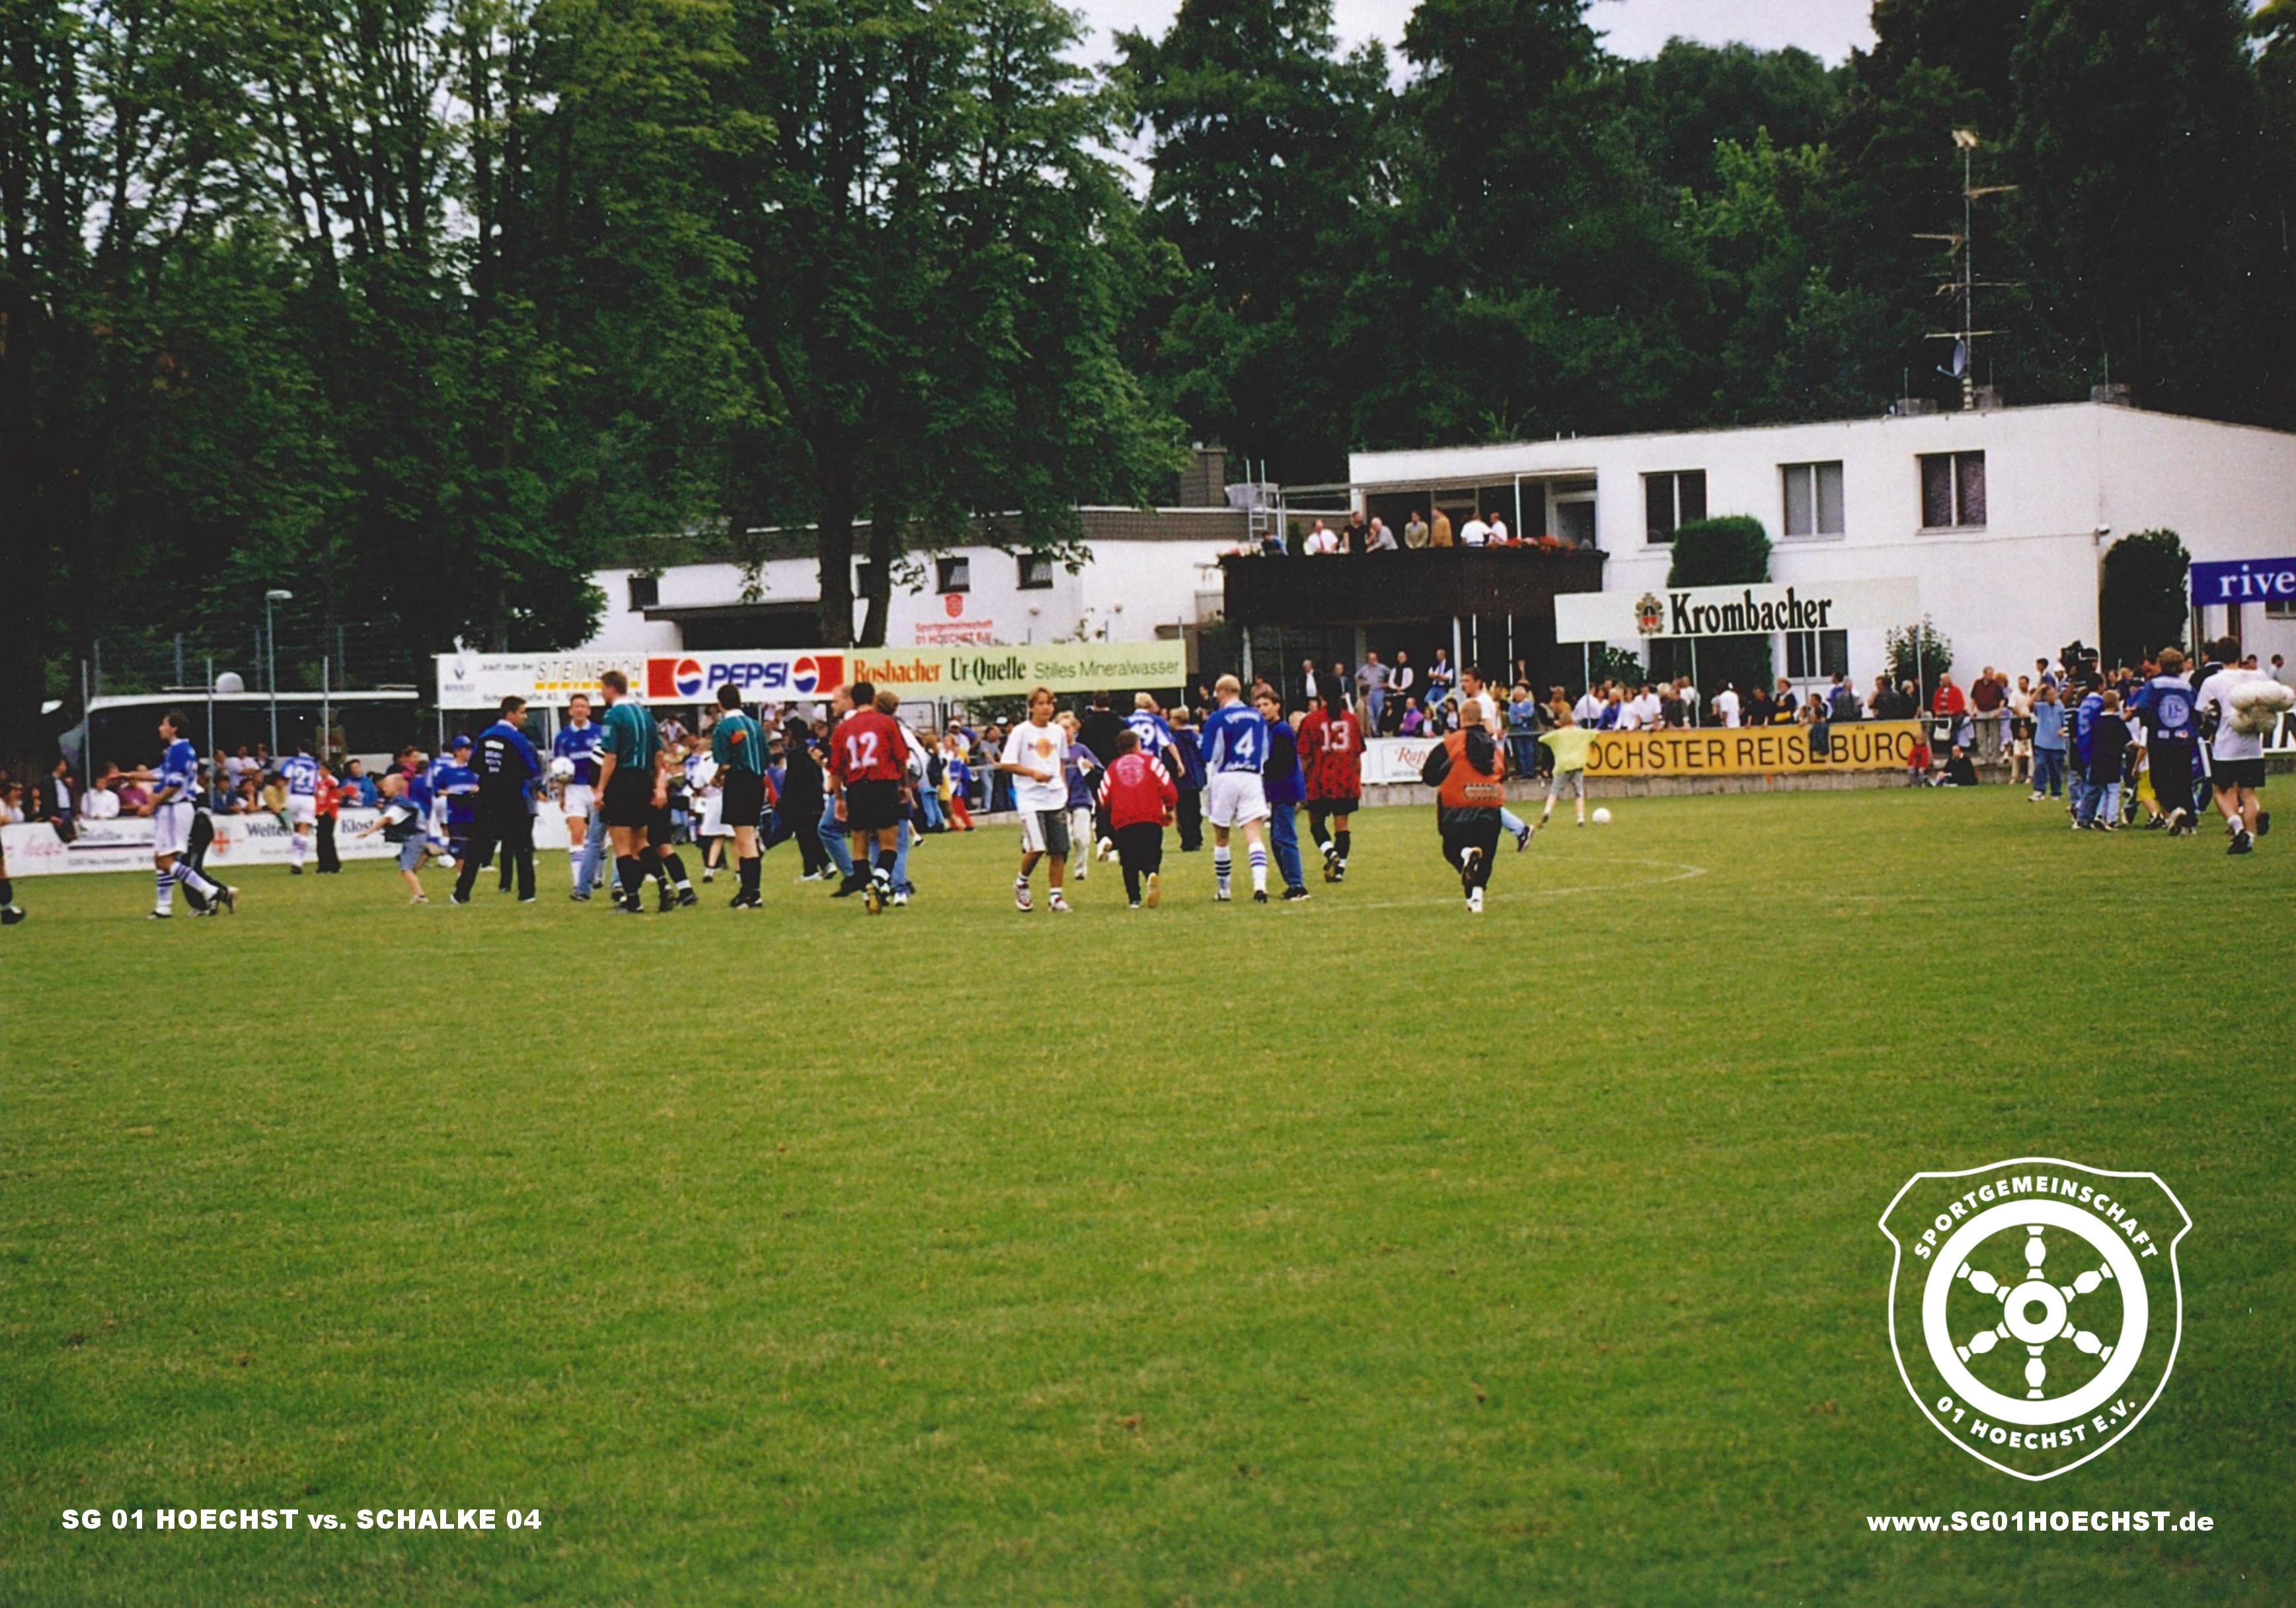 SG 01 HOECHST gegen FC SCHALKE 04